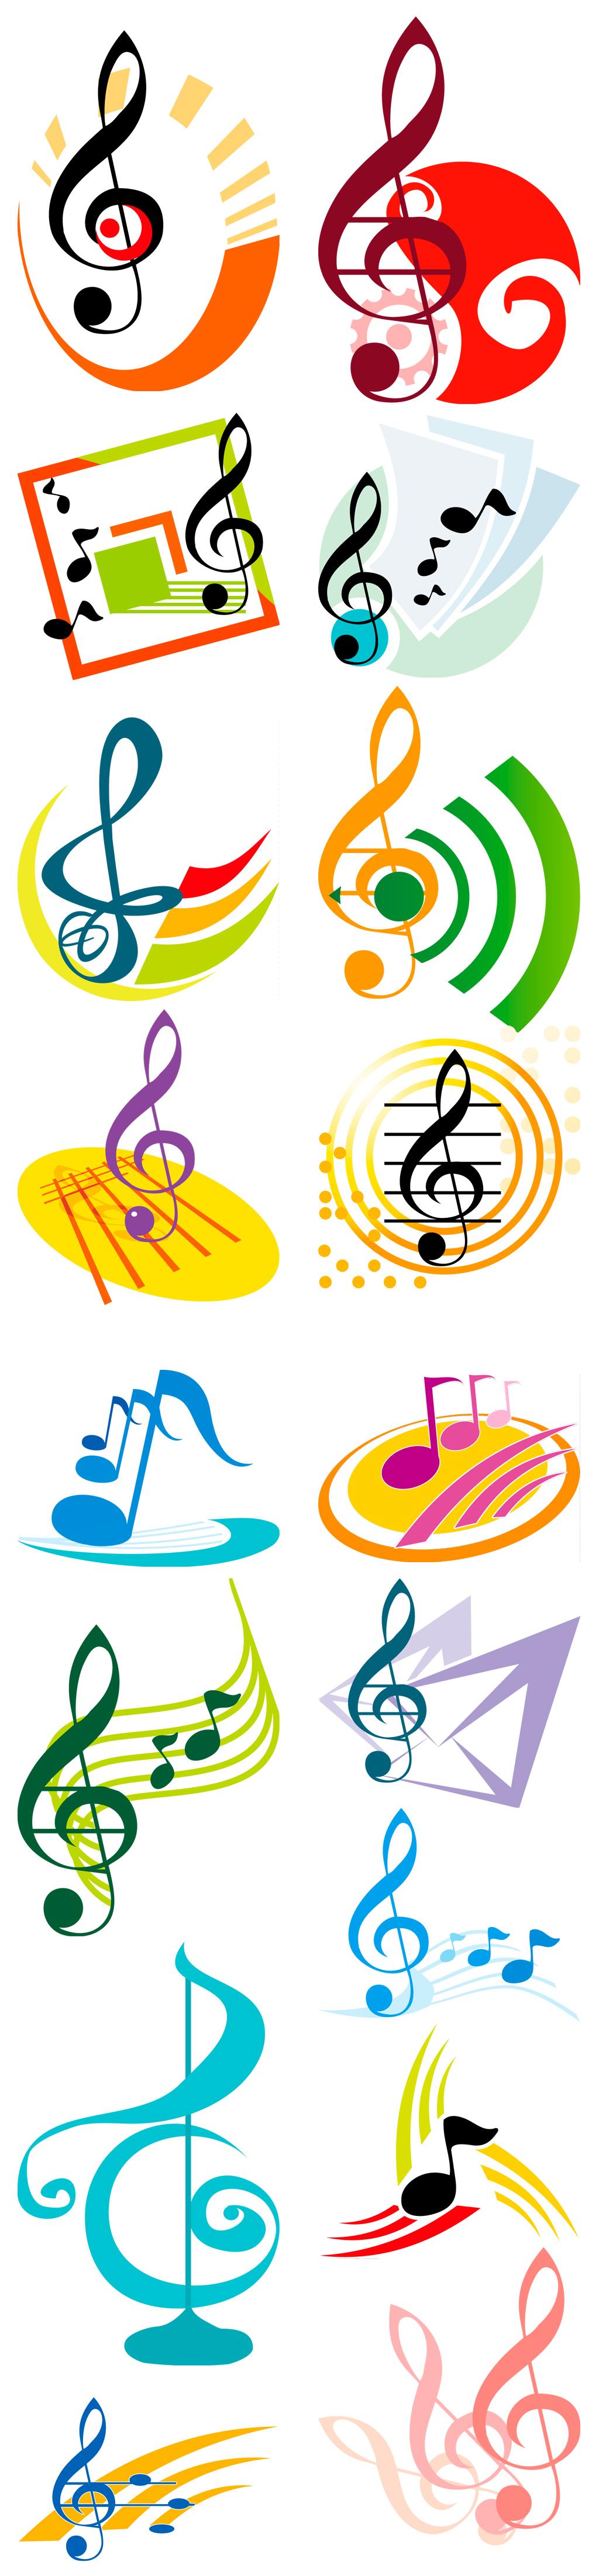 矢量音乐音符图标素材图片设计_高清ai模板下载(17.95